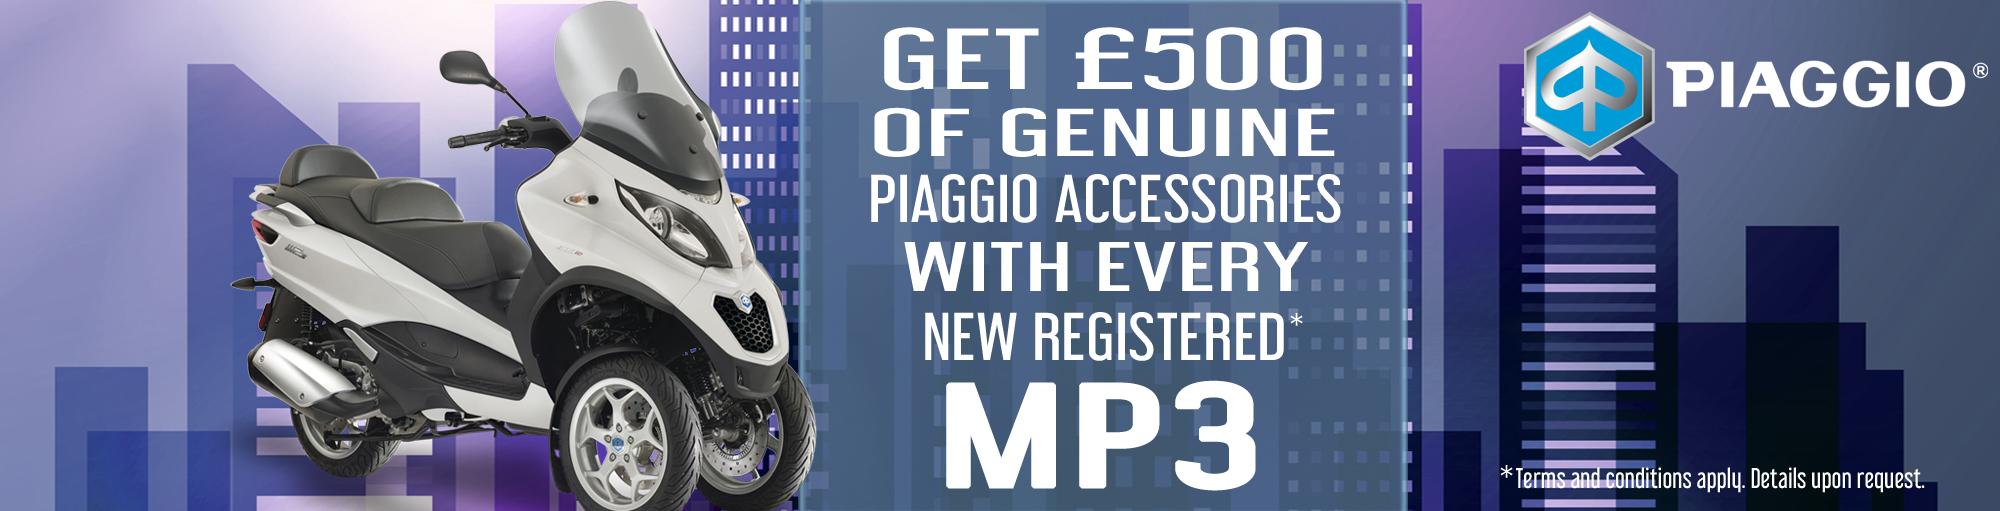 Piaggio MP3 accessories special offer